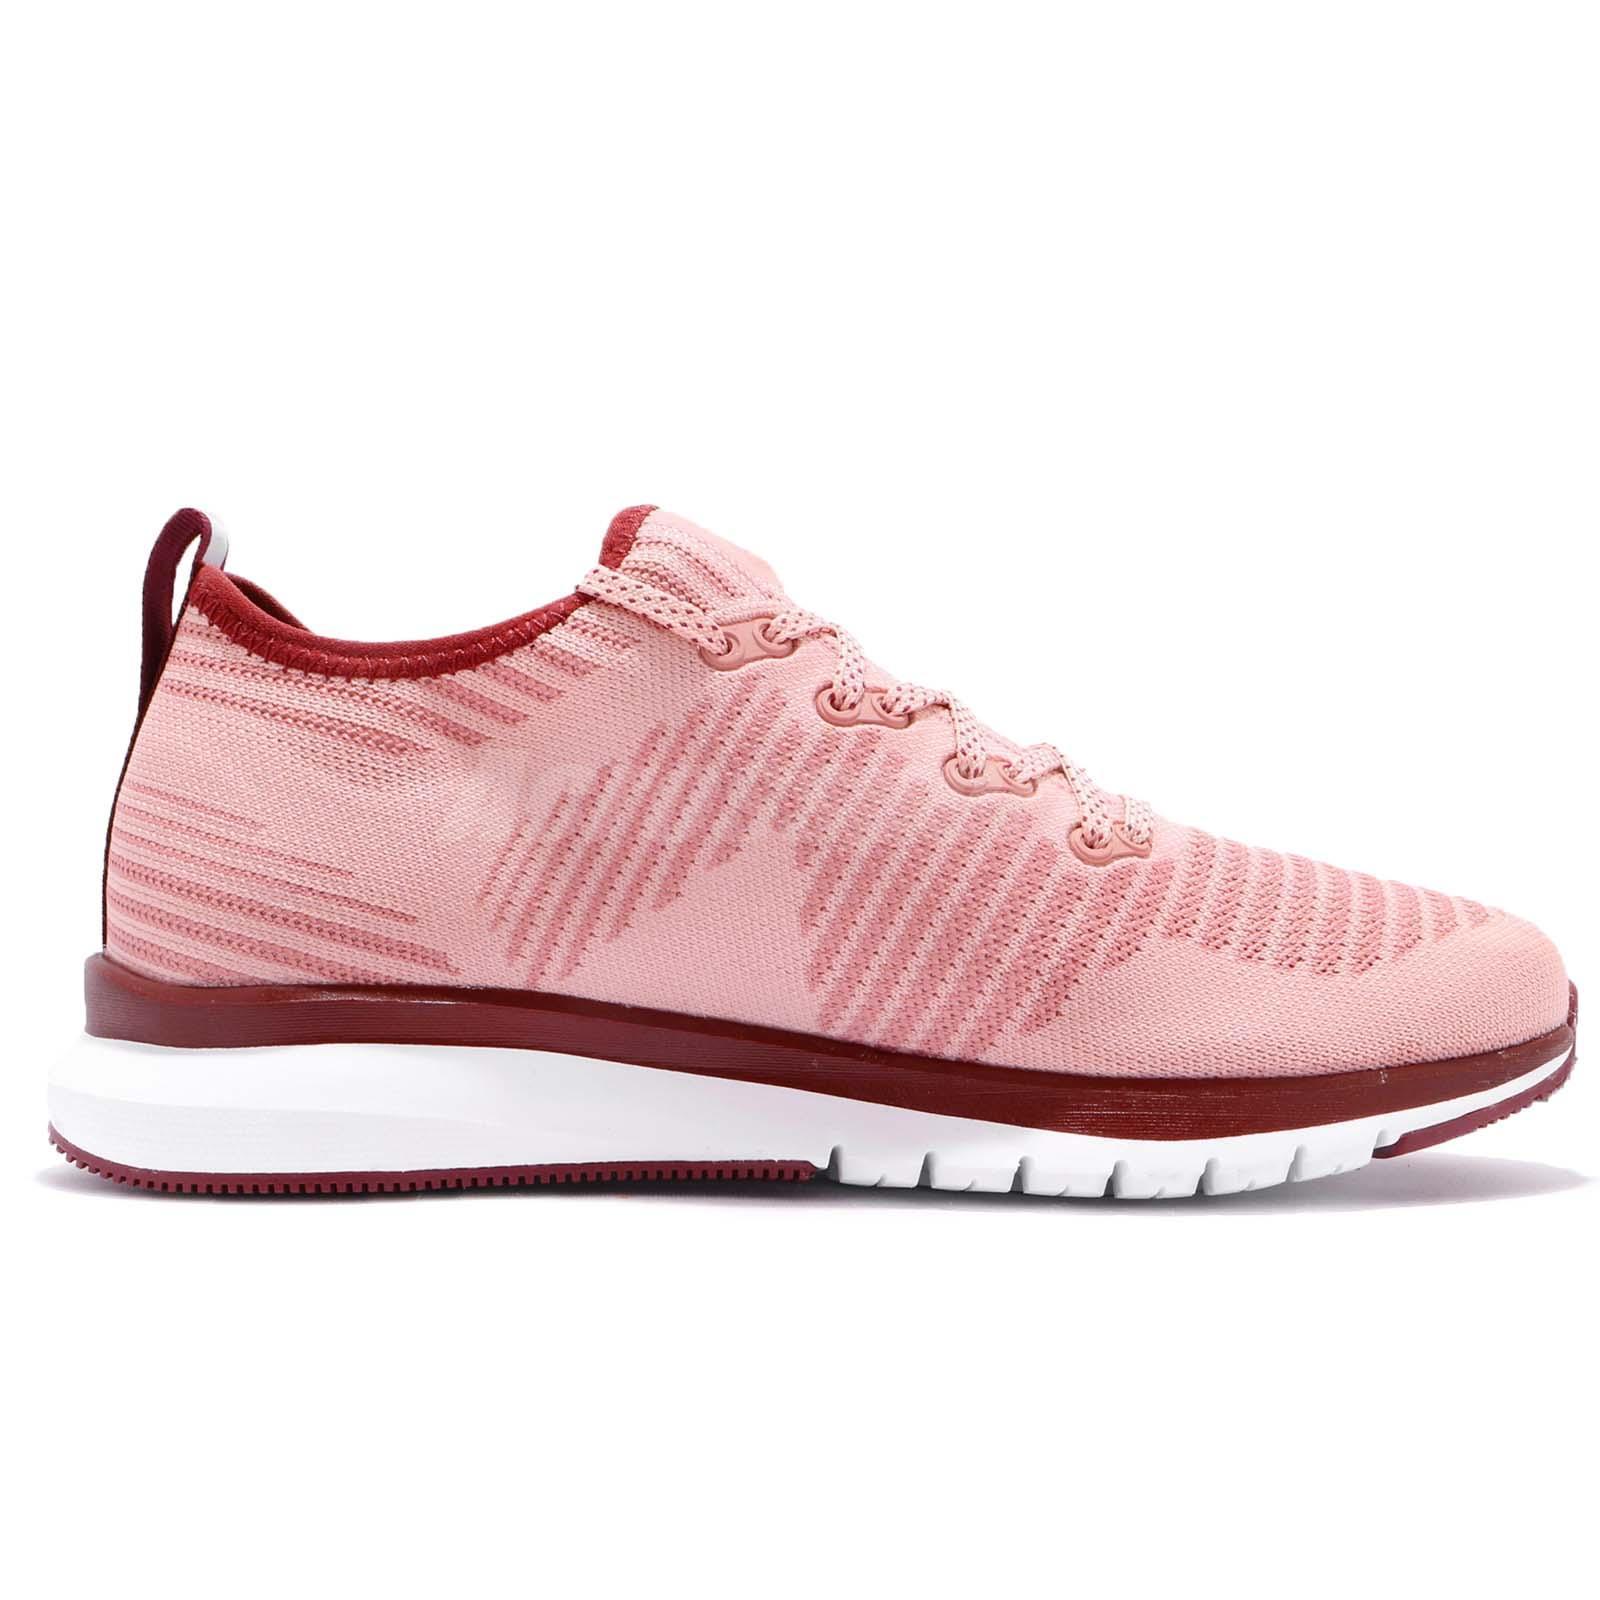 7653486f21fb Reebok Print Smooth 2.0 ULTK UltraKnit Chalk Pink Maroon Women ...